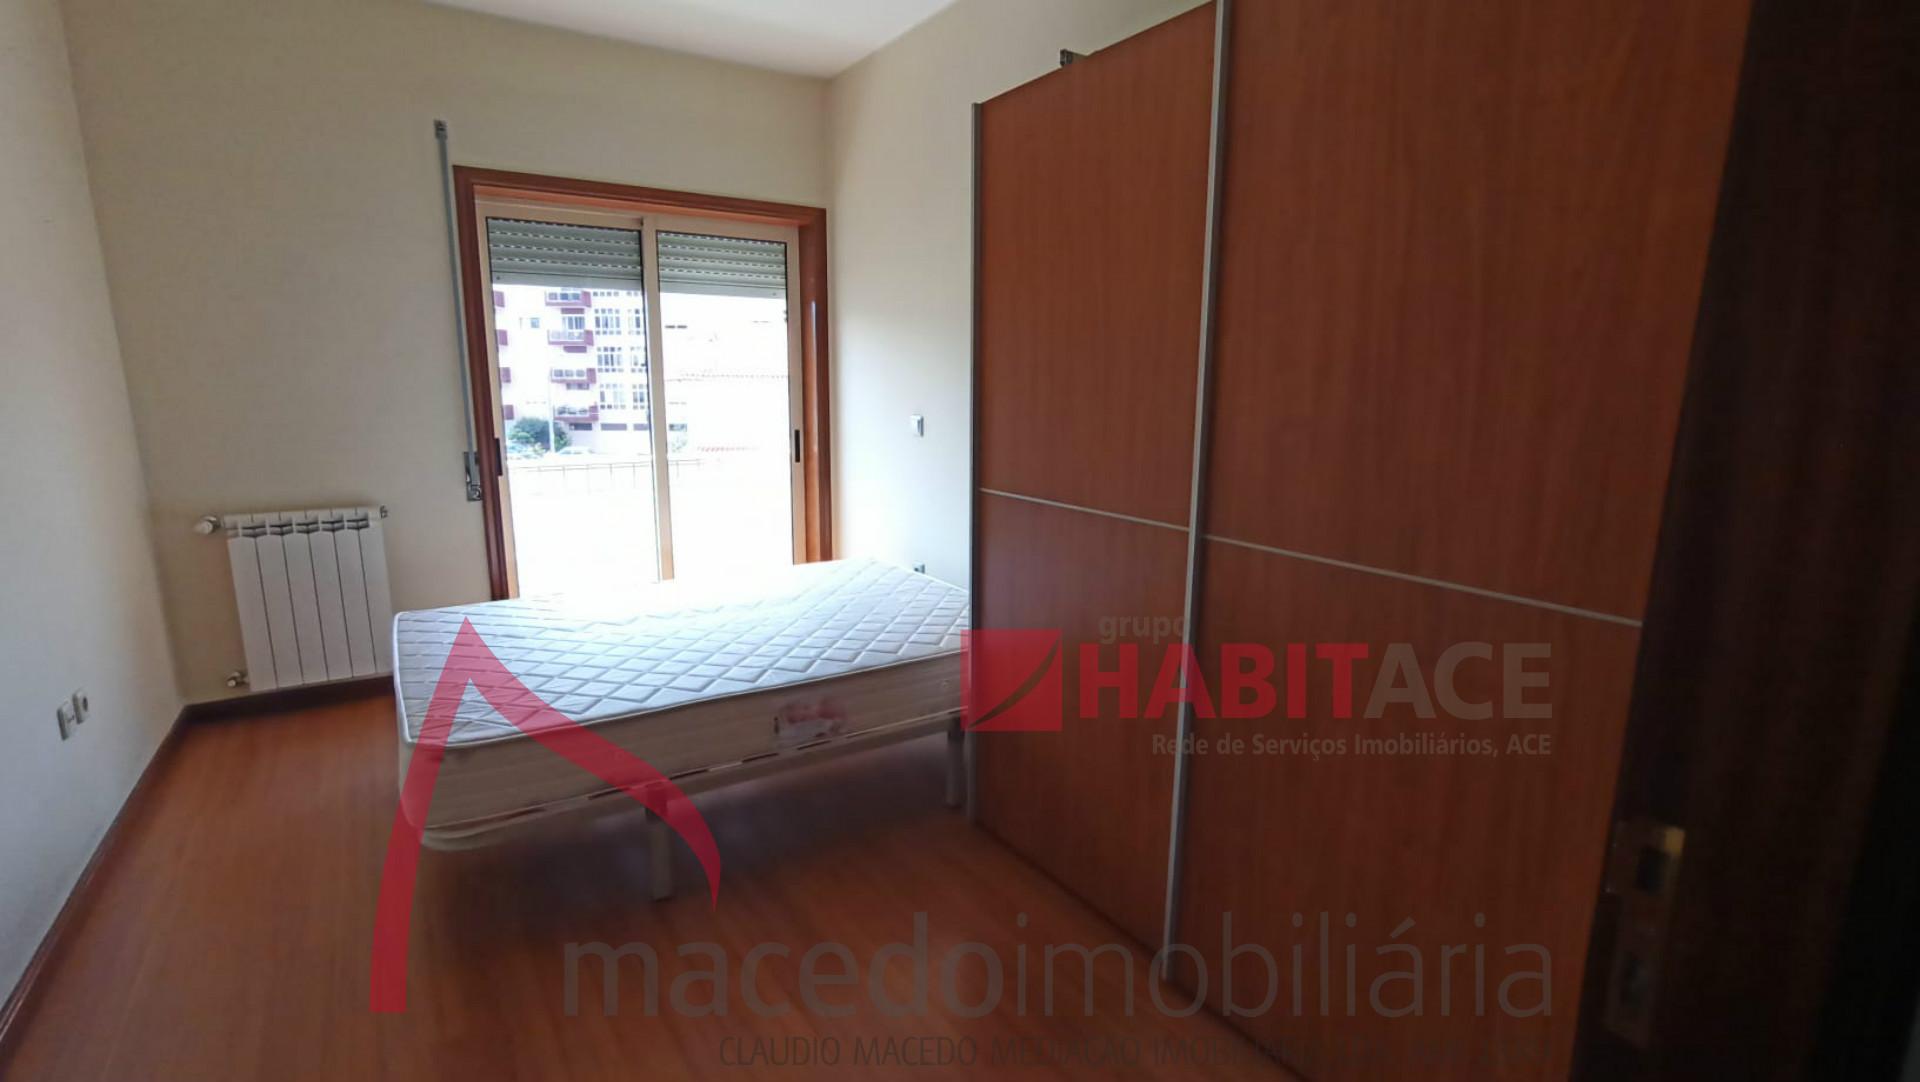 Apartamento T3 mobilado em S. Vitor